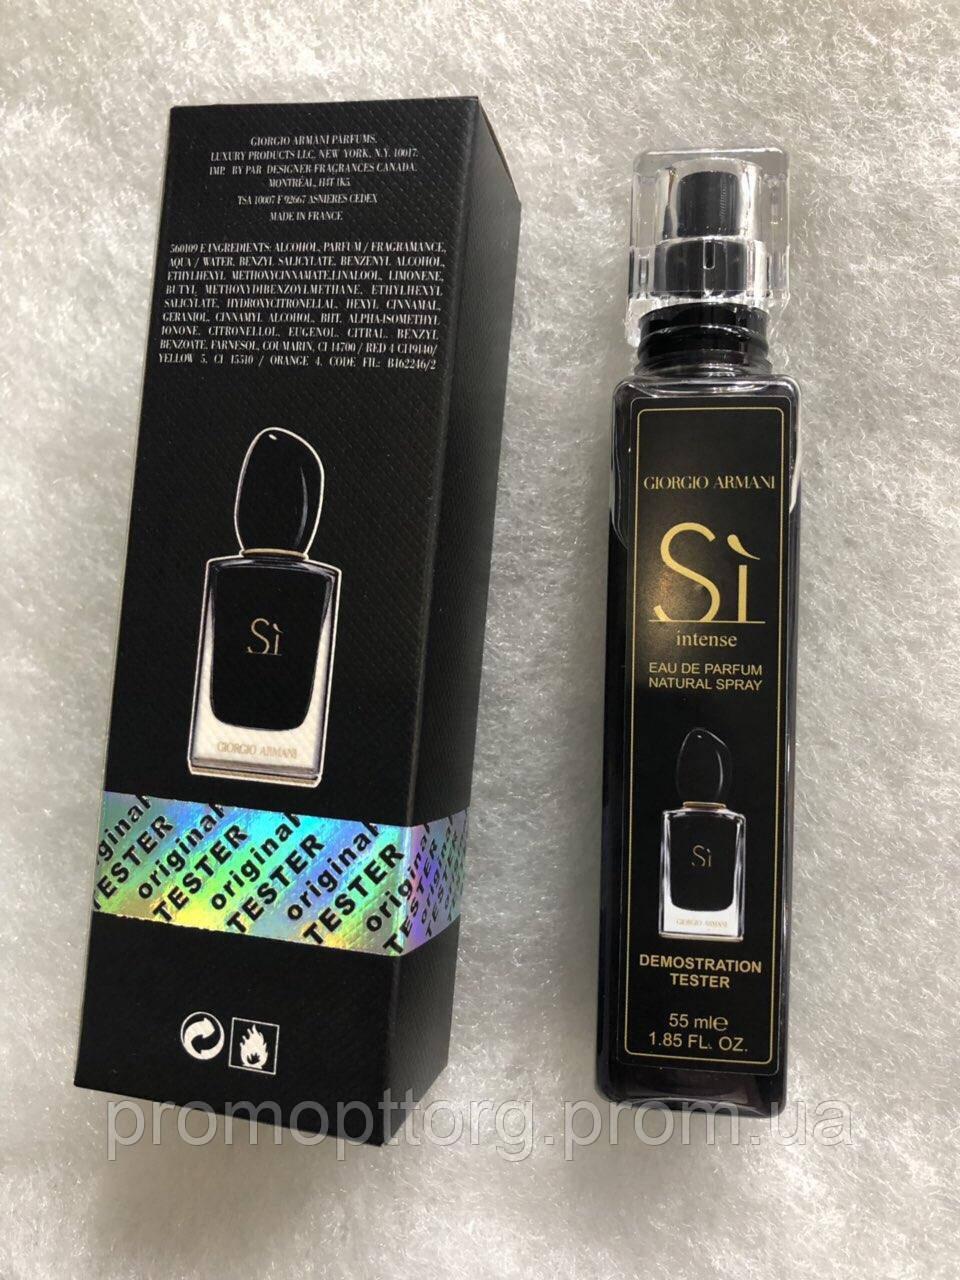 Женская парфюмированная вода Si Giorgio Armani eau de parfum intense в тестере 55 мл (реплика)